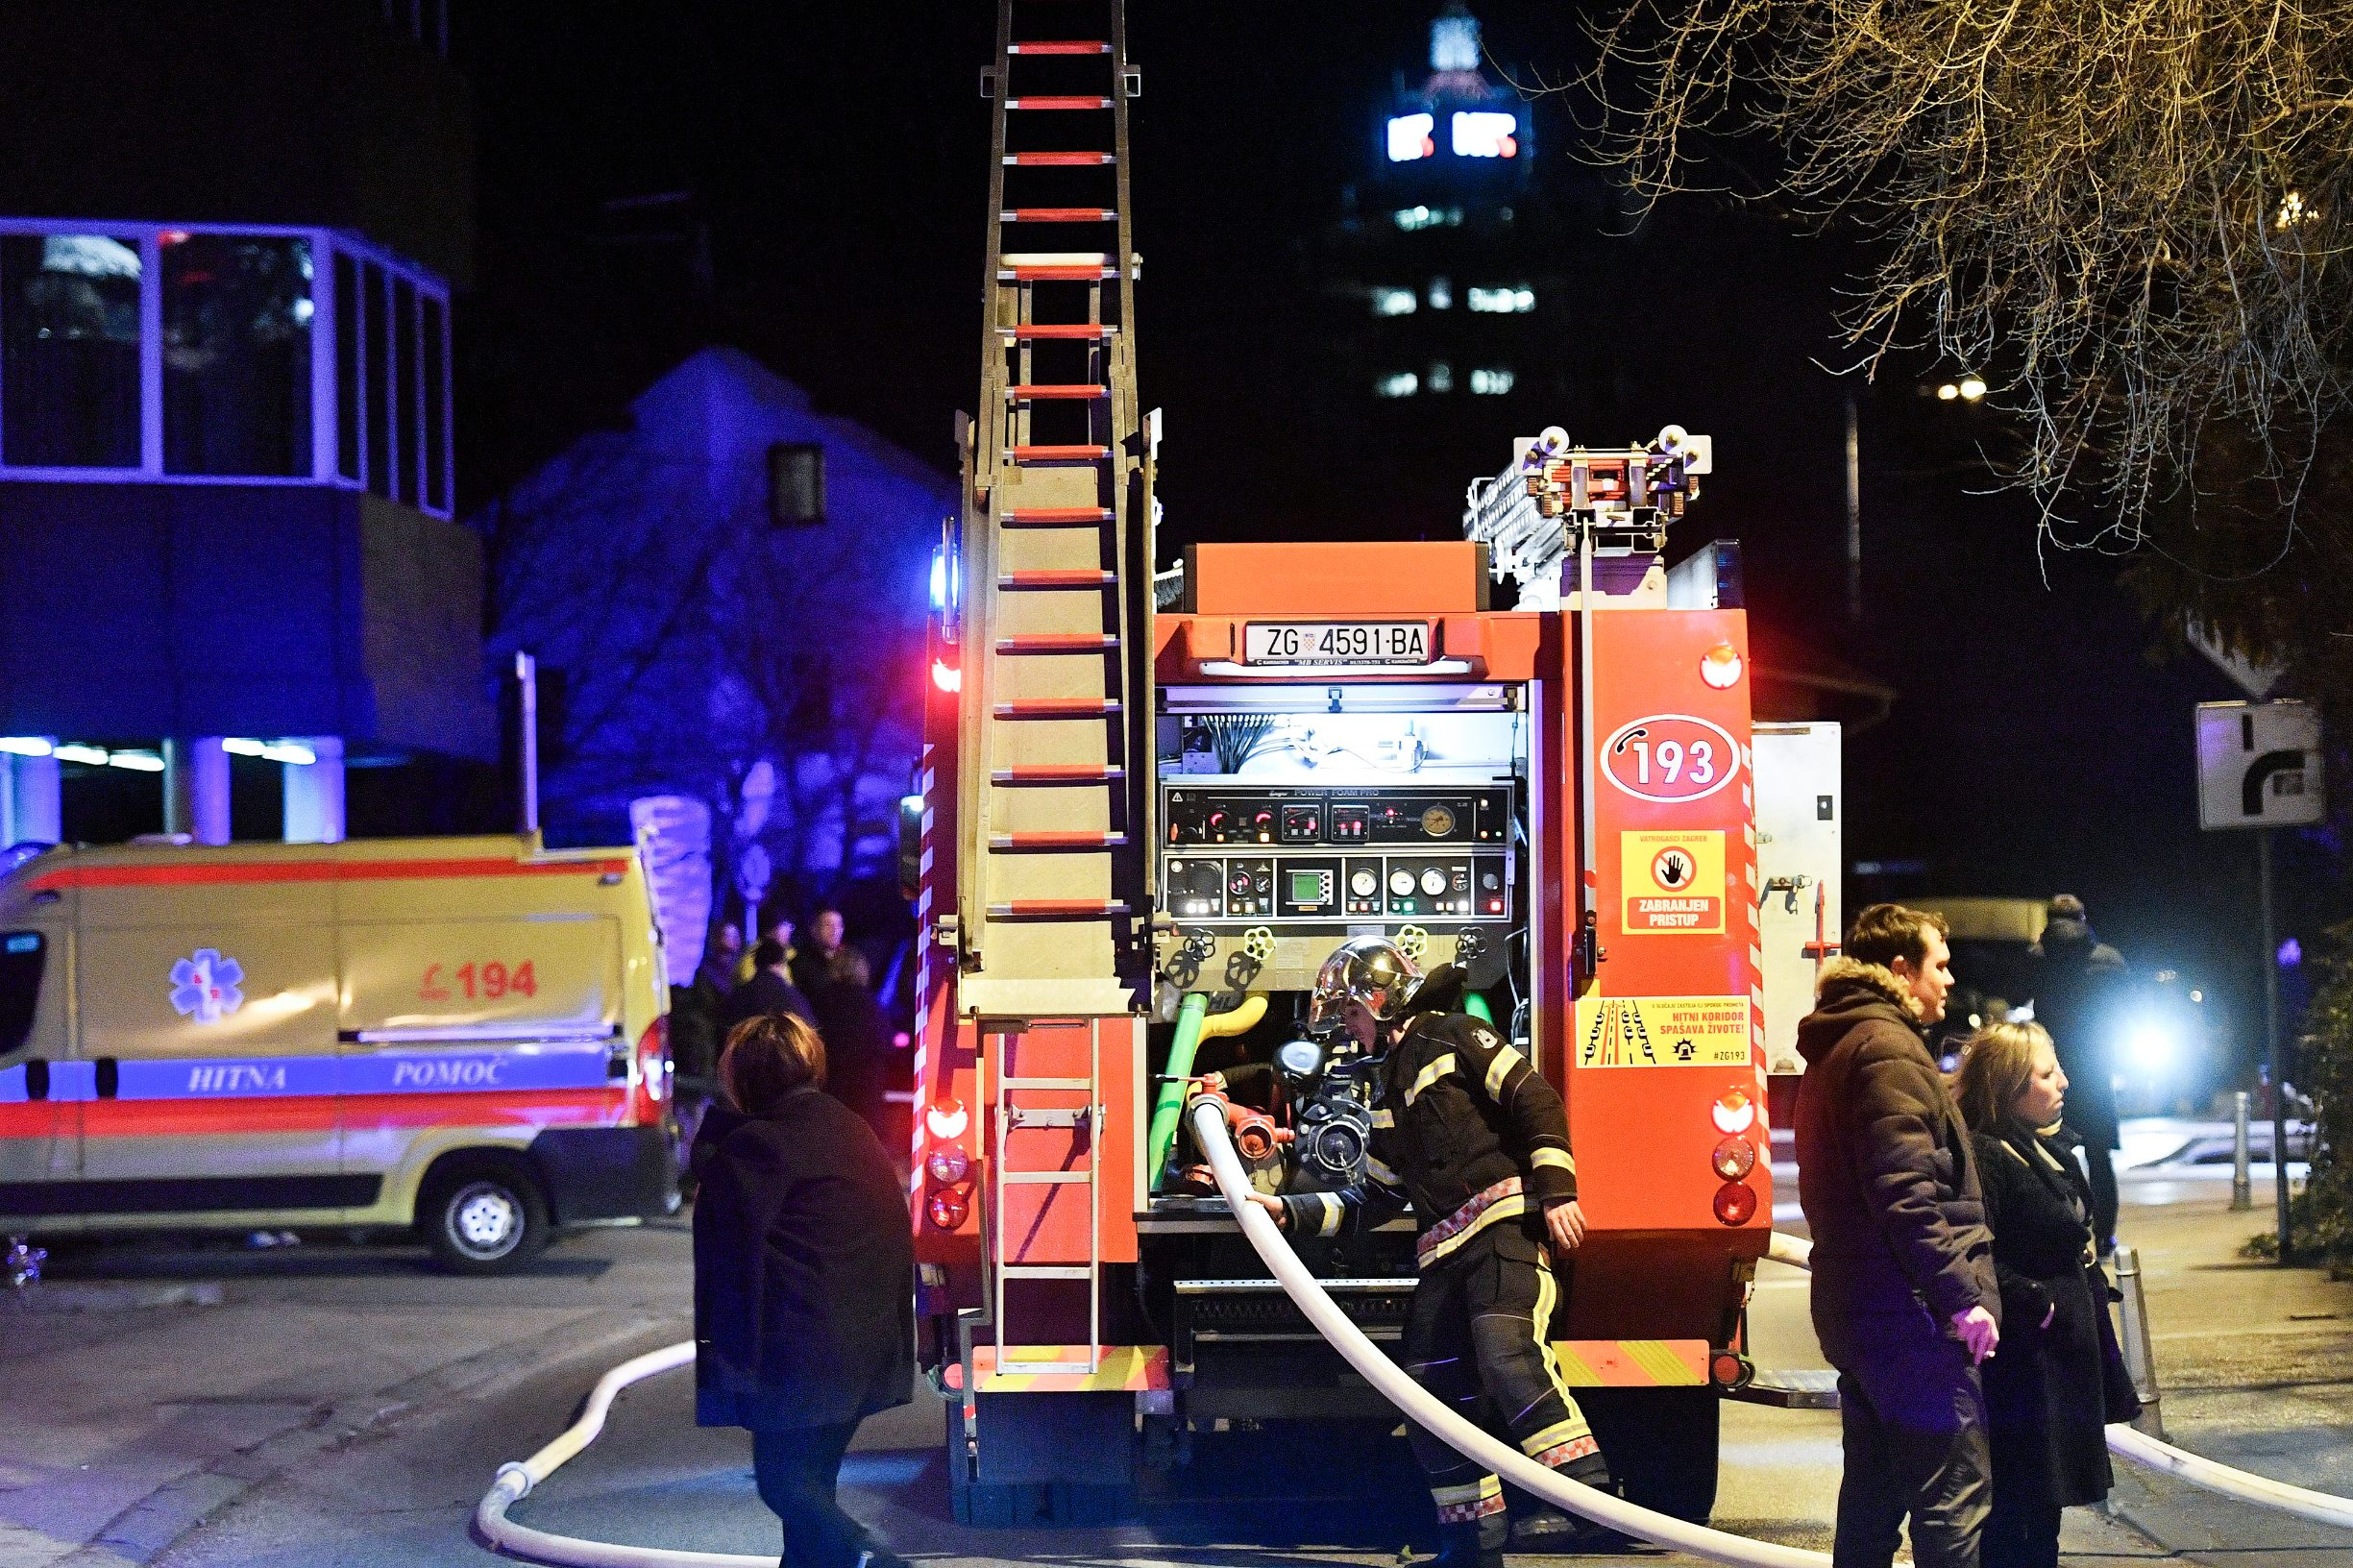 Vatrogasci gase požar na Vrbiku koji se dogodio, prema neslužbenim informacijama, u restoranu Pri zvoncu.